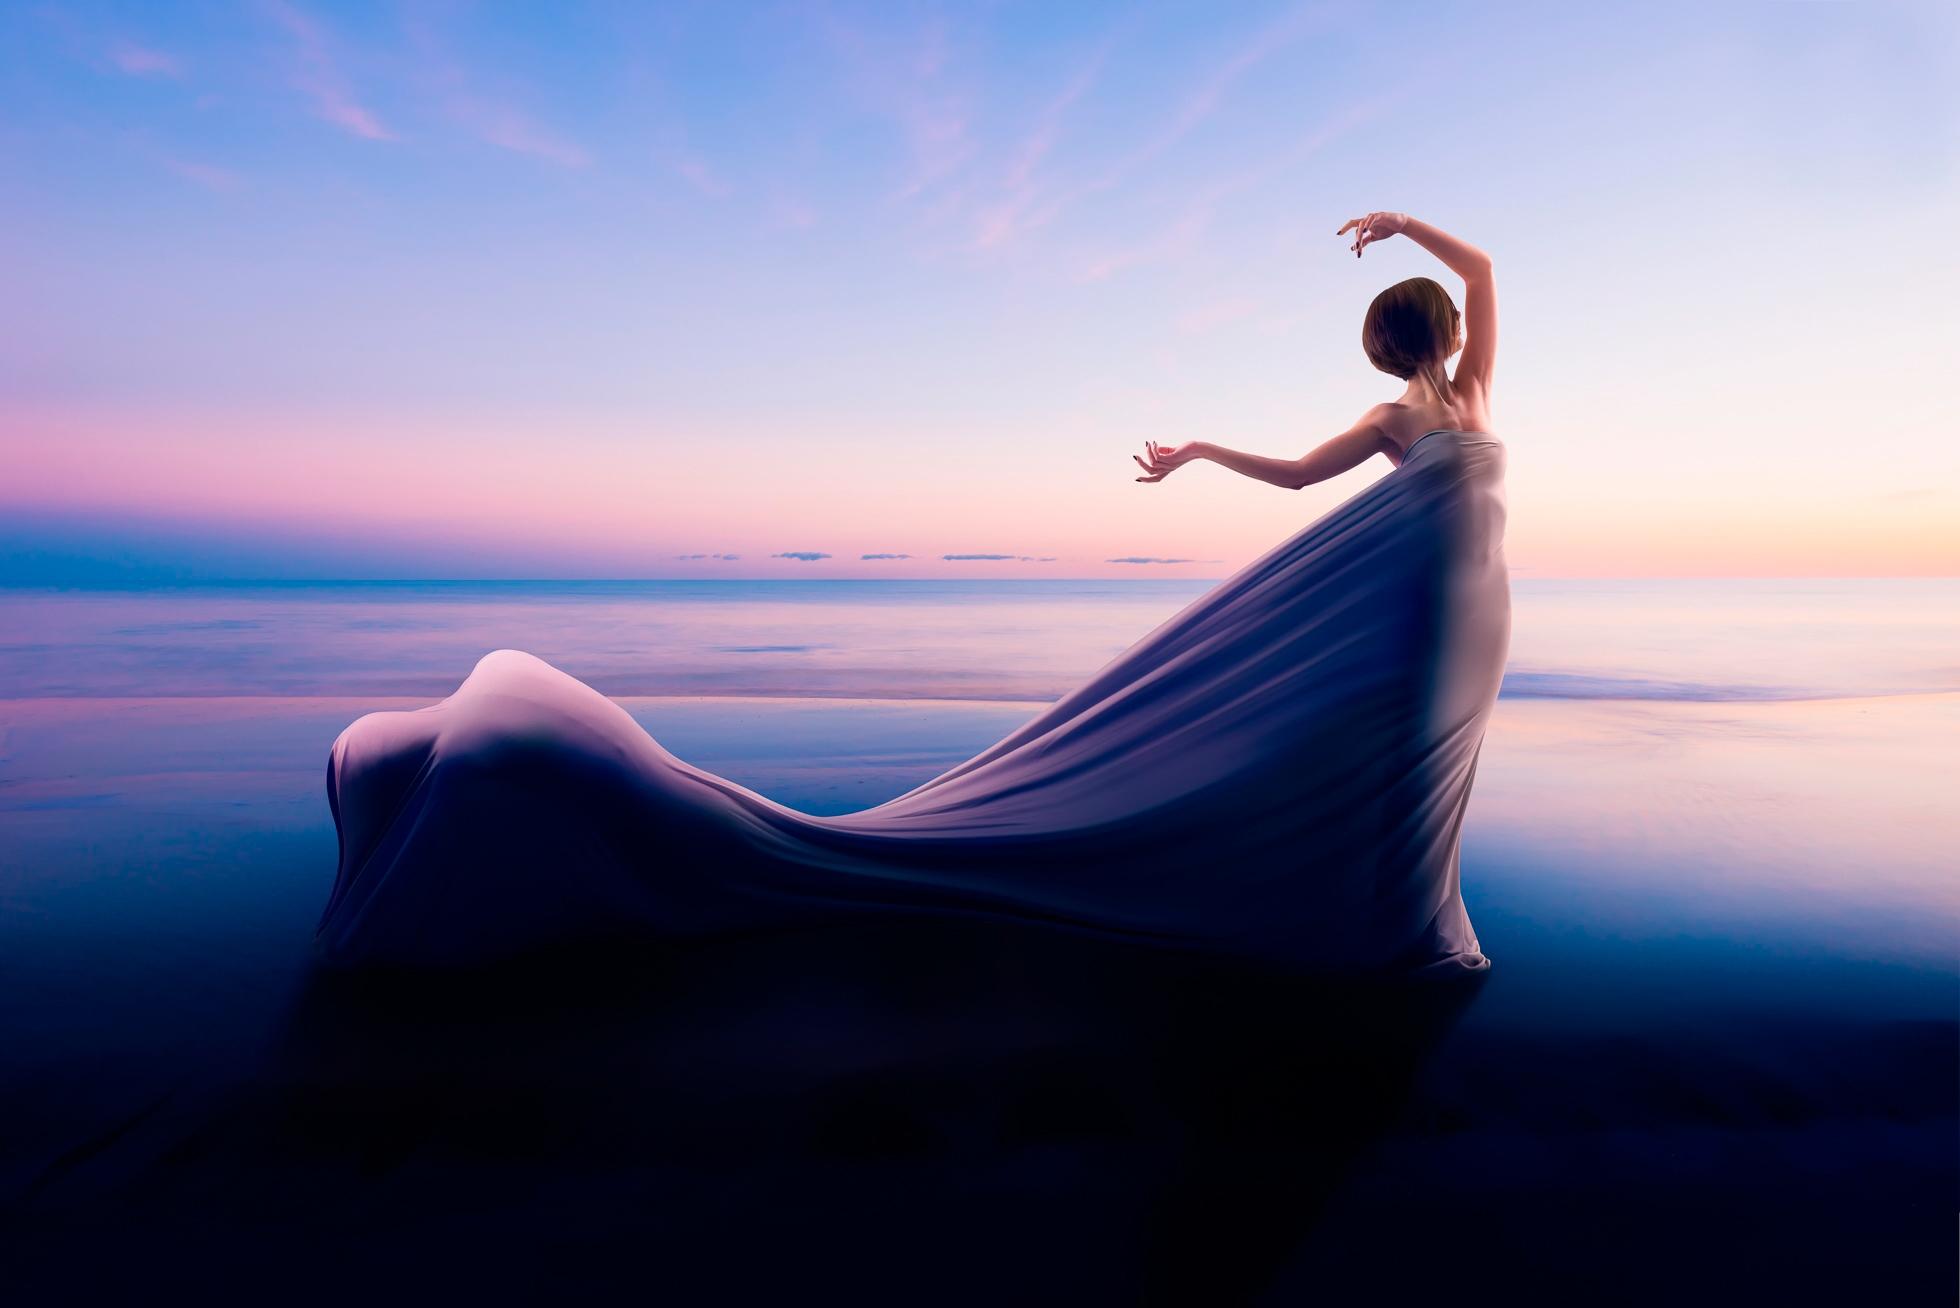 Девушки на берегу океана в длинном голубом платье